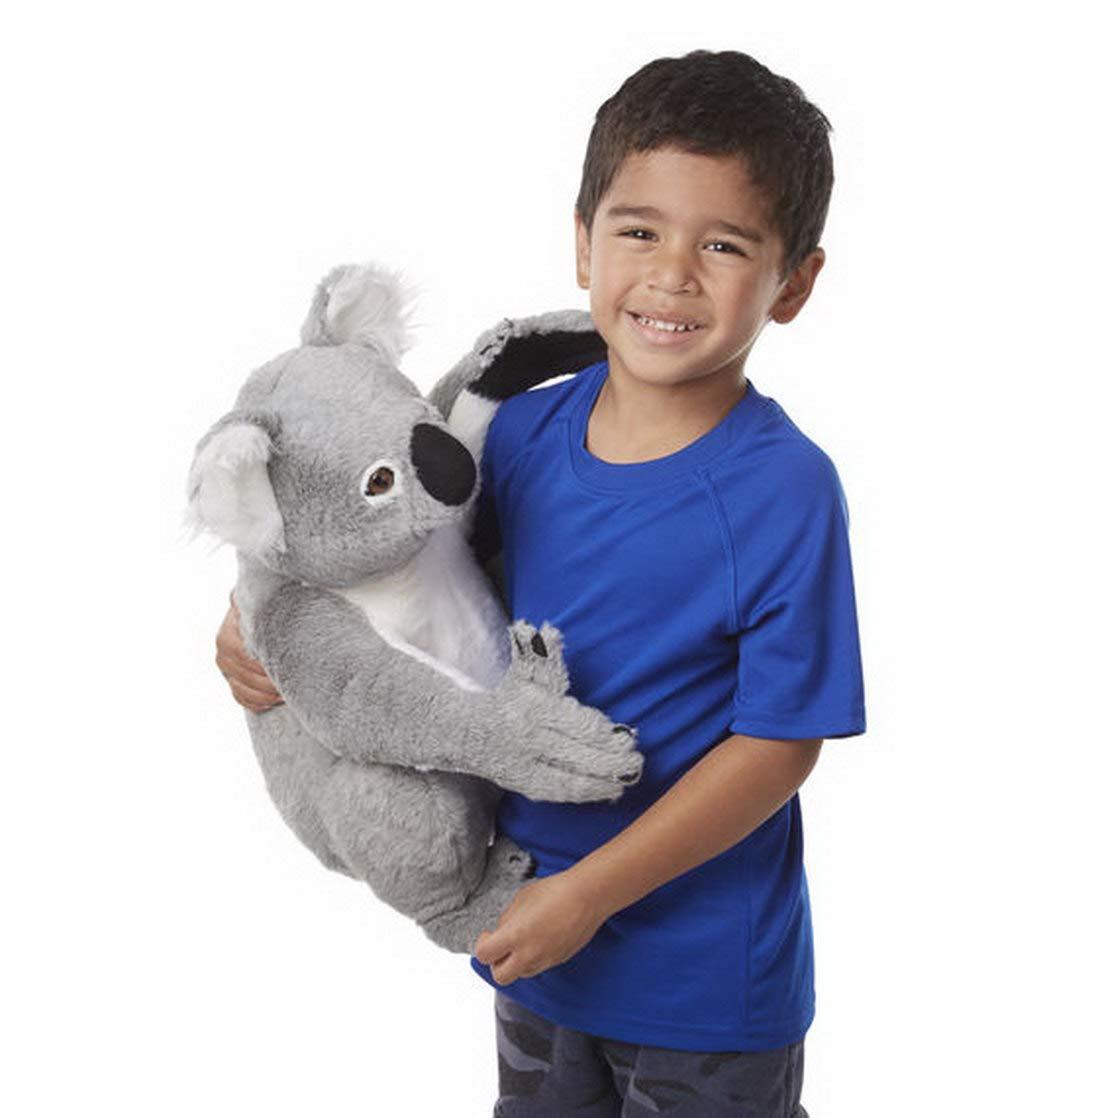 Salut Maman - Vida auténtica Koala Oso niños Gigante Jumbo plástico de Peluche, 39,5 x 33 x 33 cm, Color Gris: Amazon.es: Juguetes y juegos